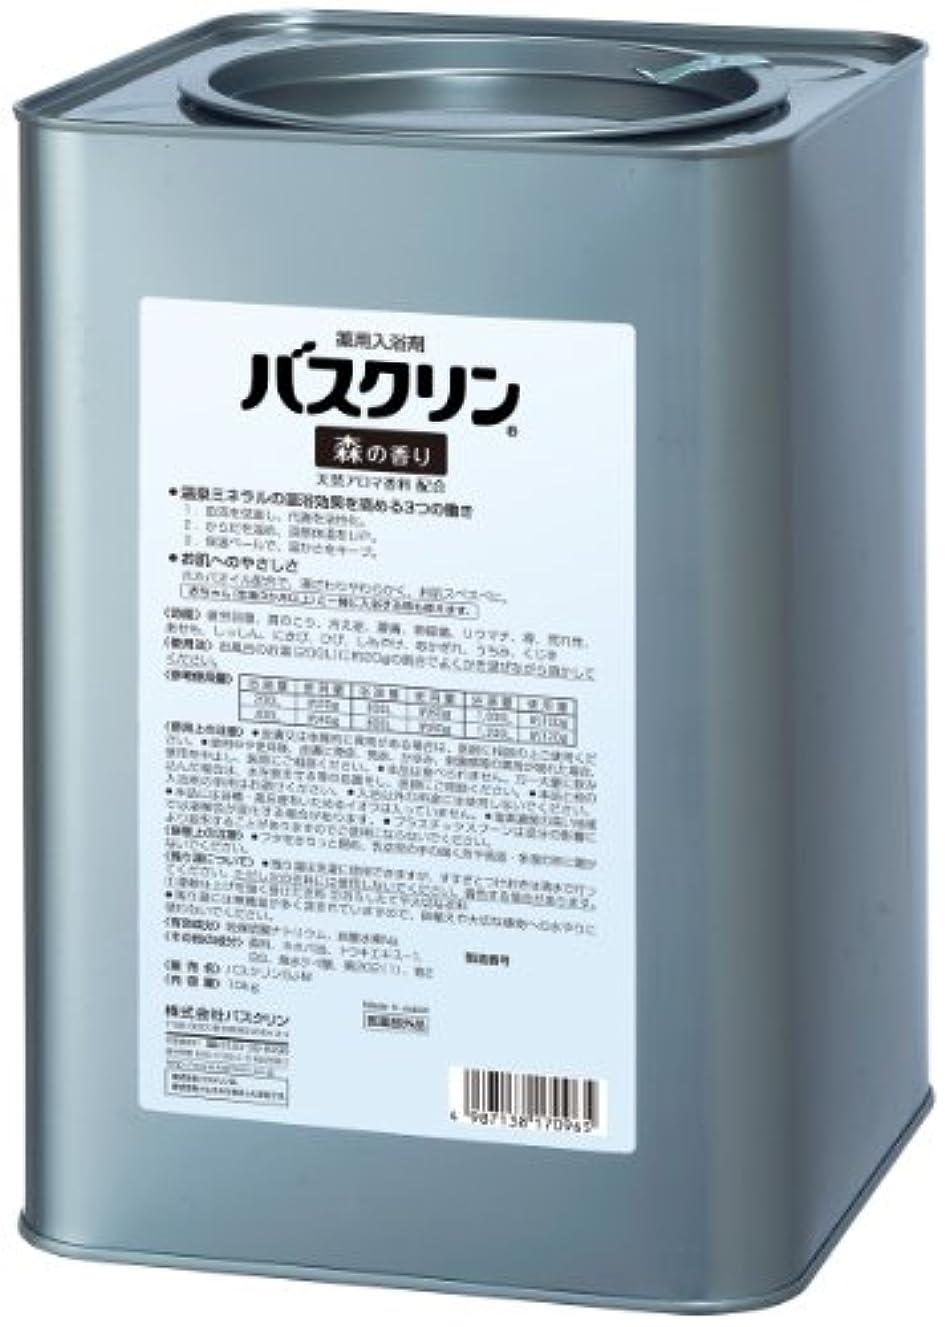 からかう辛いタイル【医薬部外品/業務用】バスクリン入浴剤 森の香り10kg 大容量 疲労回復